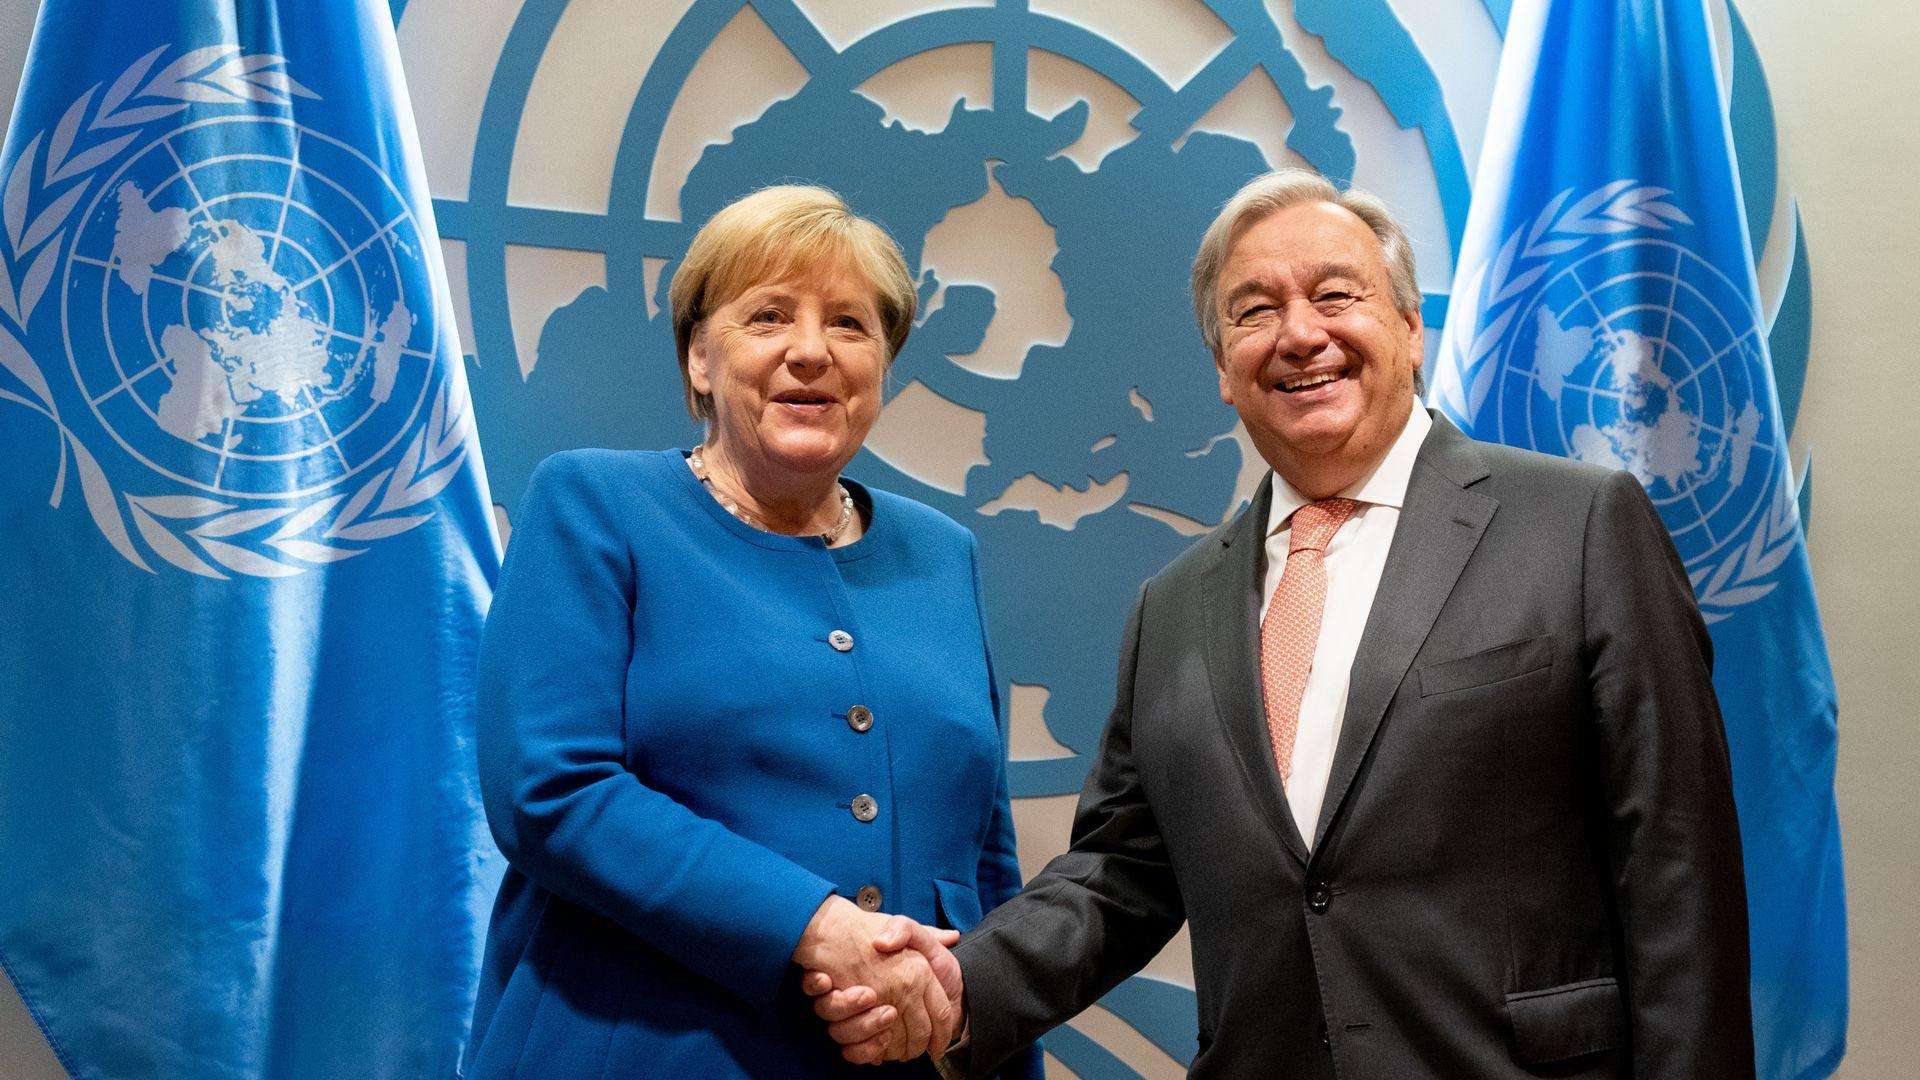 Chancellor Angela Merkel and UN Secretary-General Antonio Guterres.